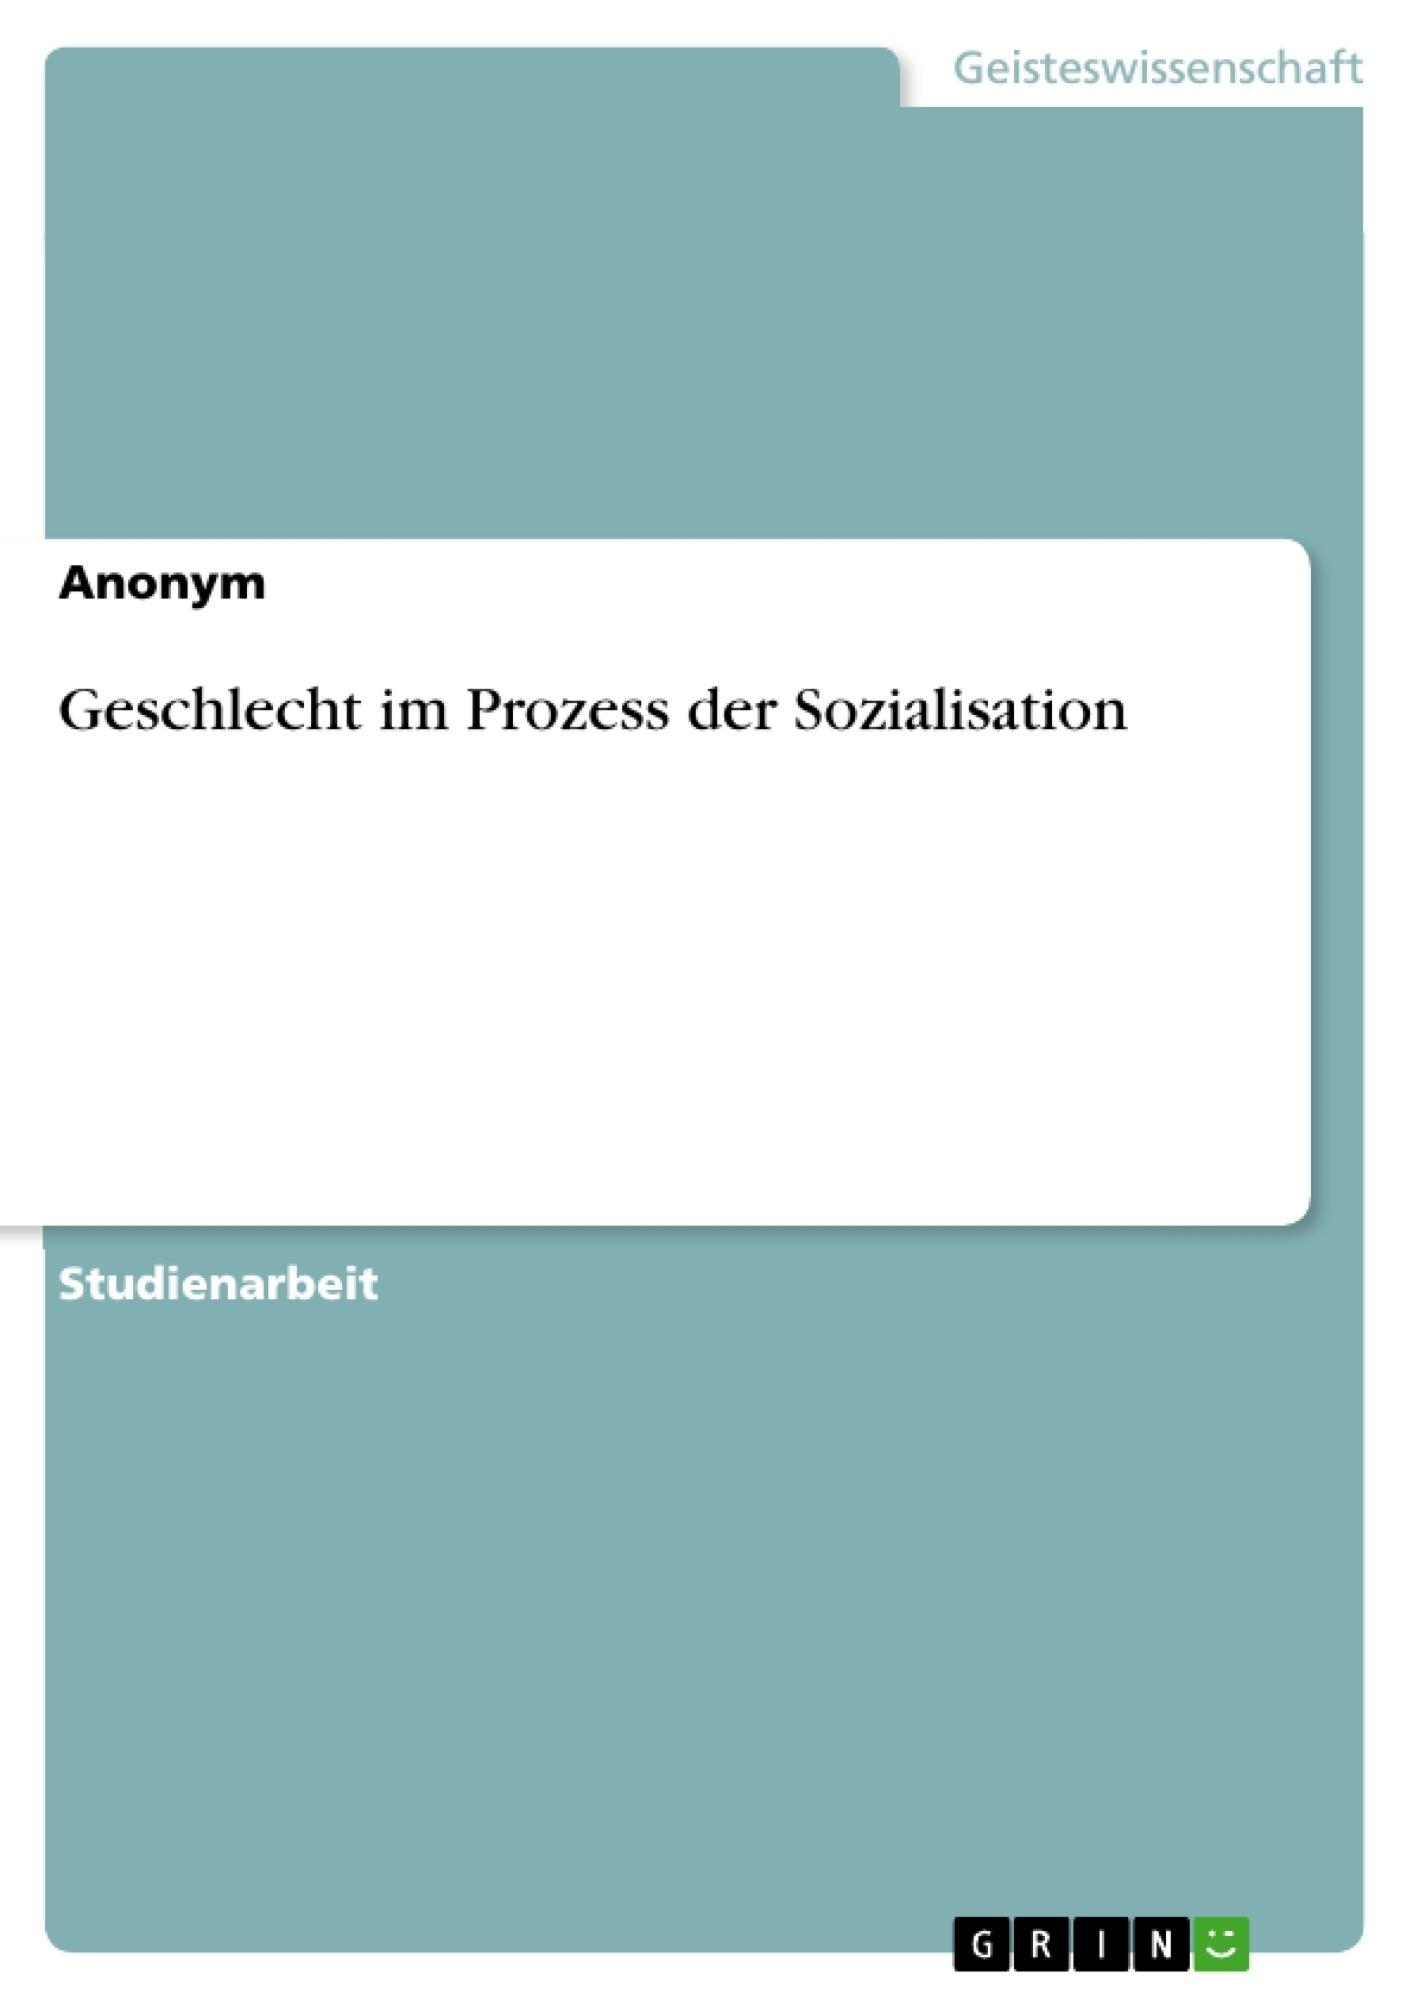 Titel: Geschlecht im Prozess der Sozialisation